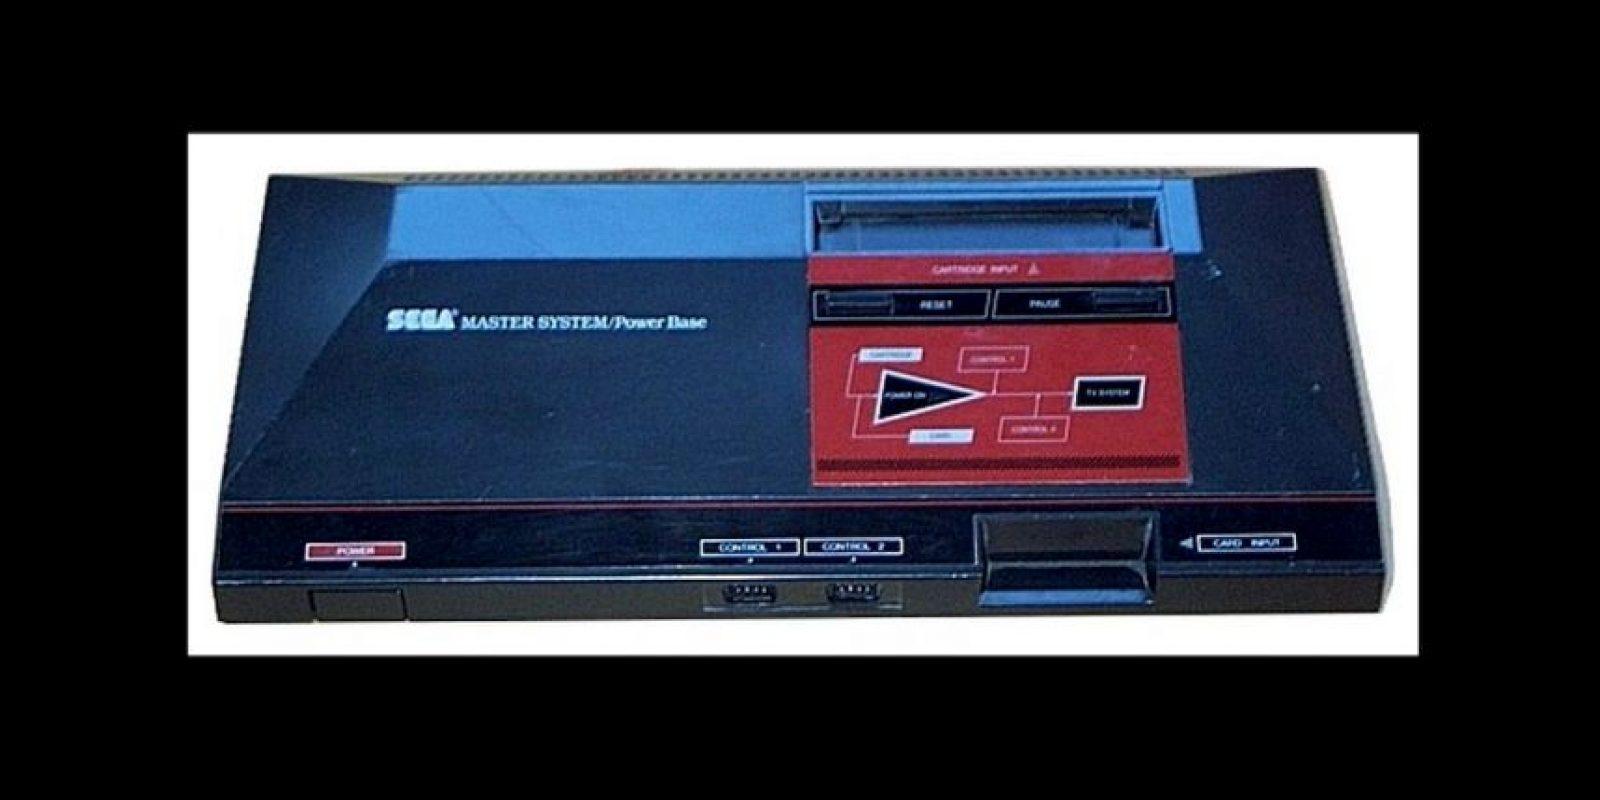 SEGA se fundó en 1965 con la unión de las compañías: Service Games y Rosen Enterprises, Ltd. De la primera, se tomaría el nombre Foto:SEGA